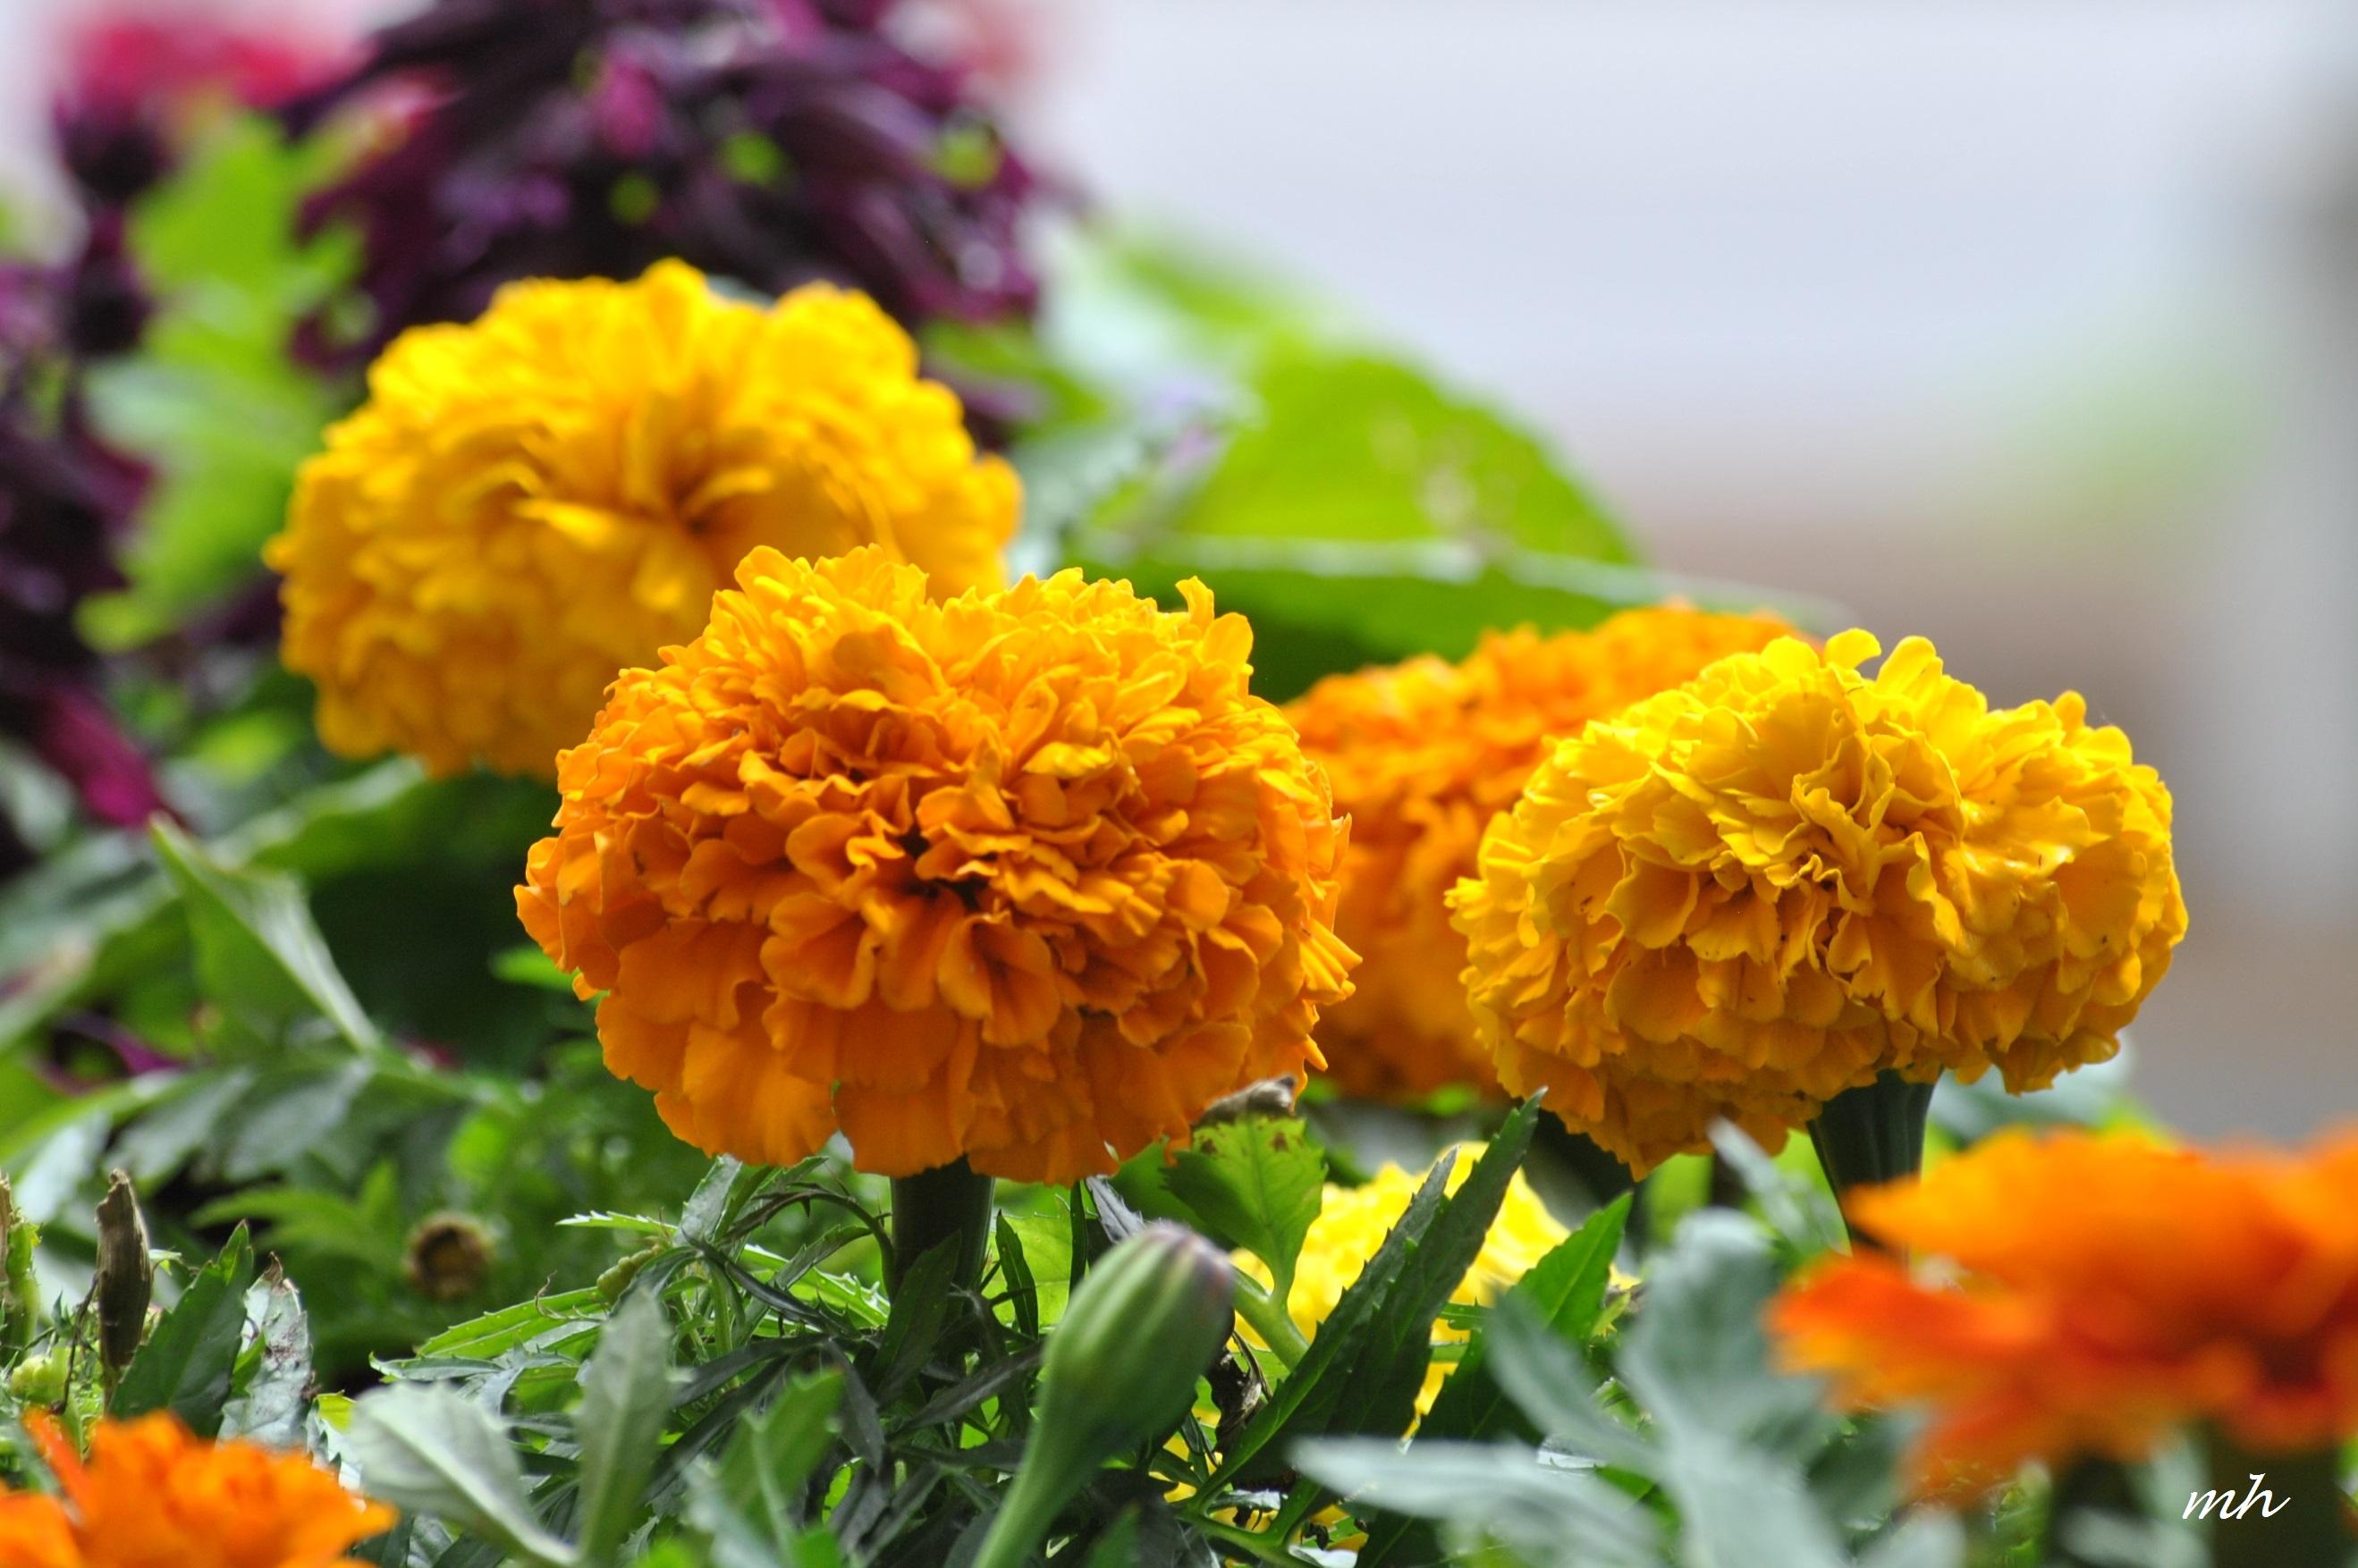 Hoa cúc vạn thọ rất đẹp